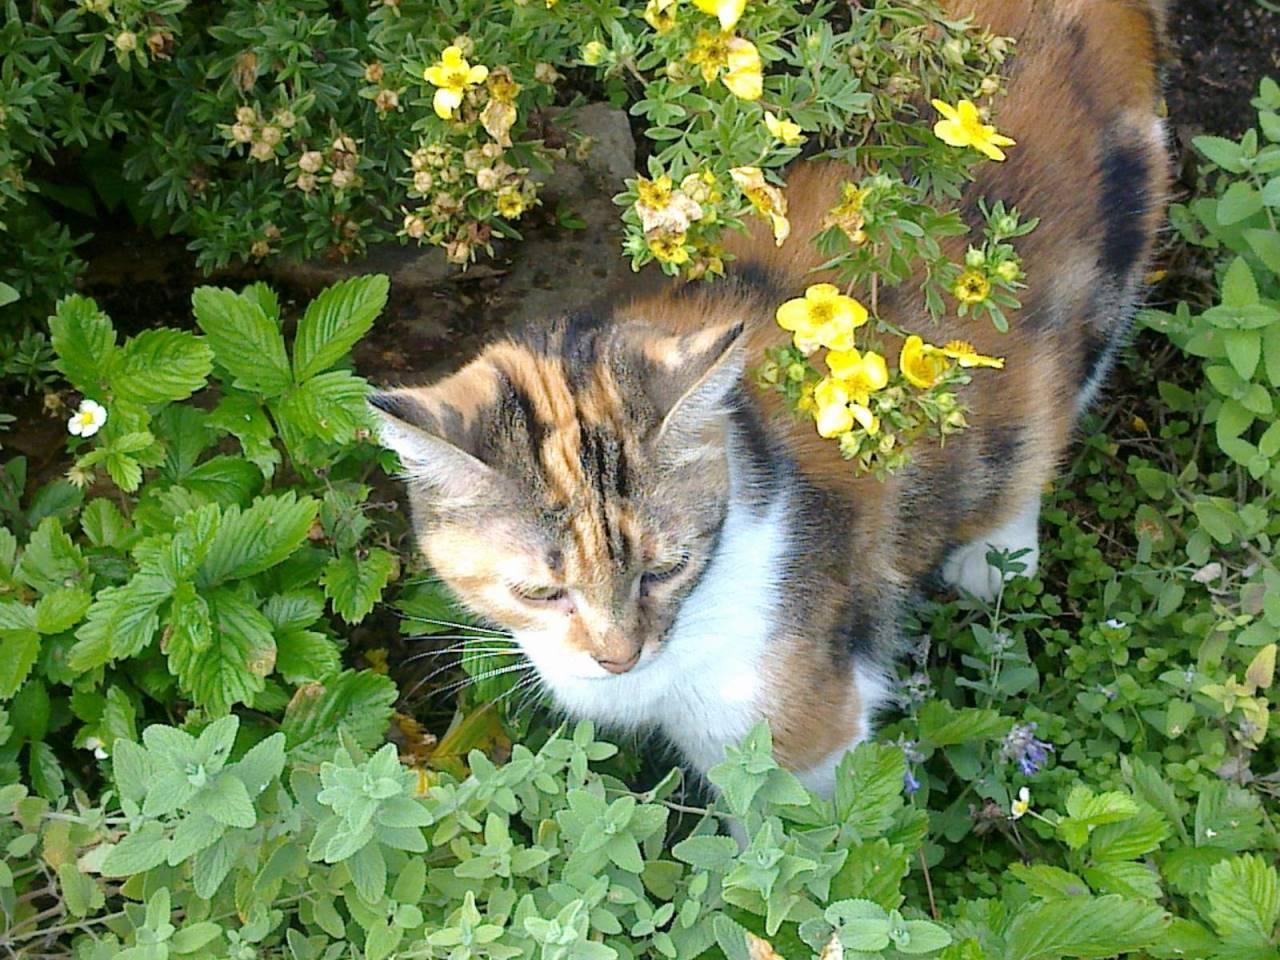 Кошачья мята: для чего нужна, где она растёт, описание растения, особенности применения, можно ли выращивать в домашних условиях, фото